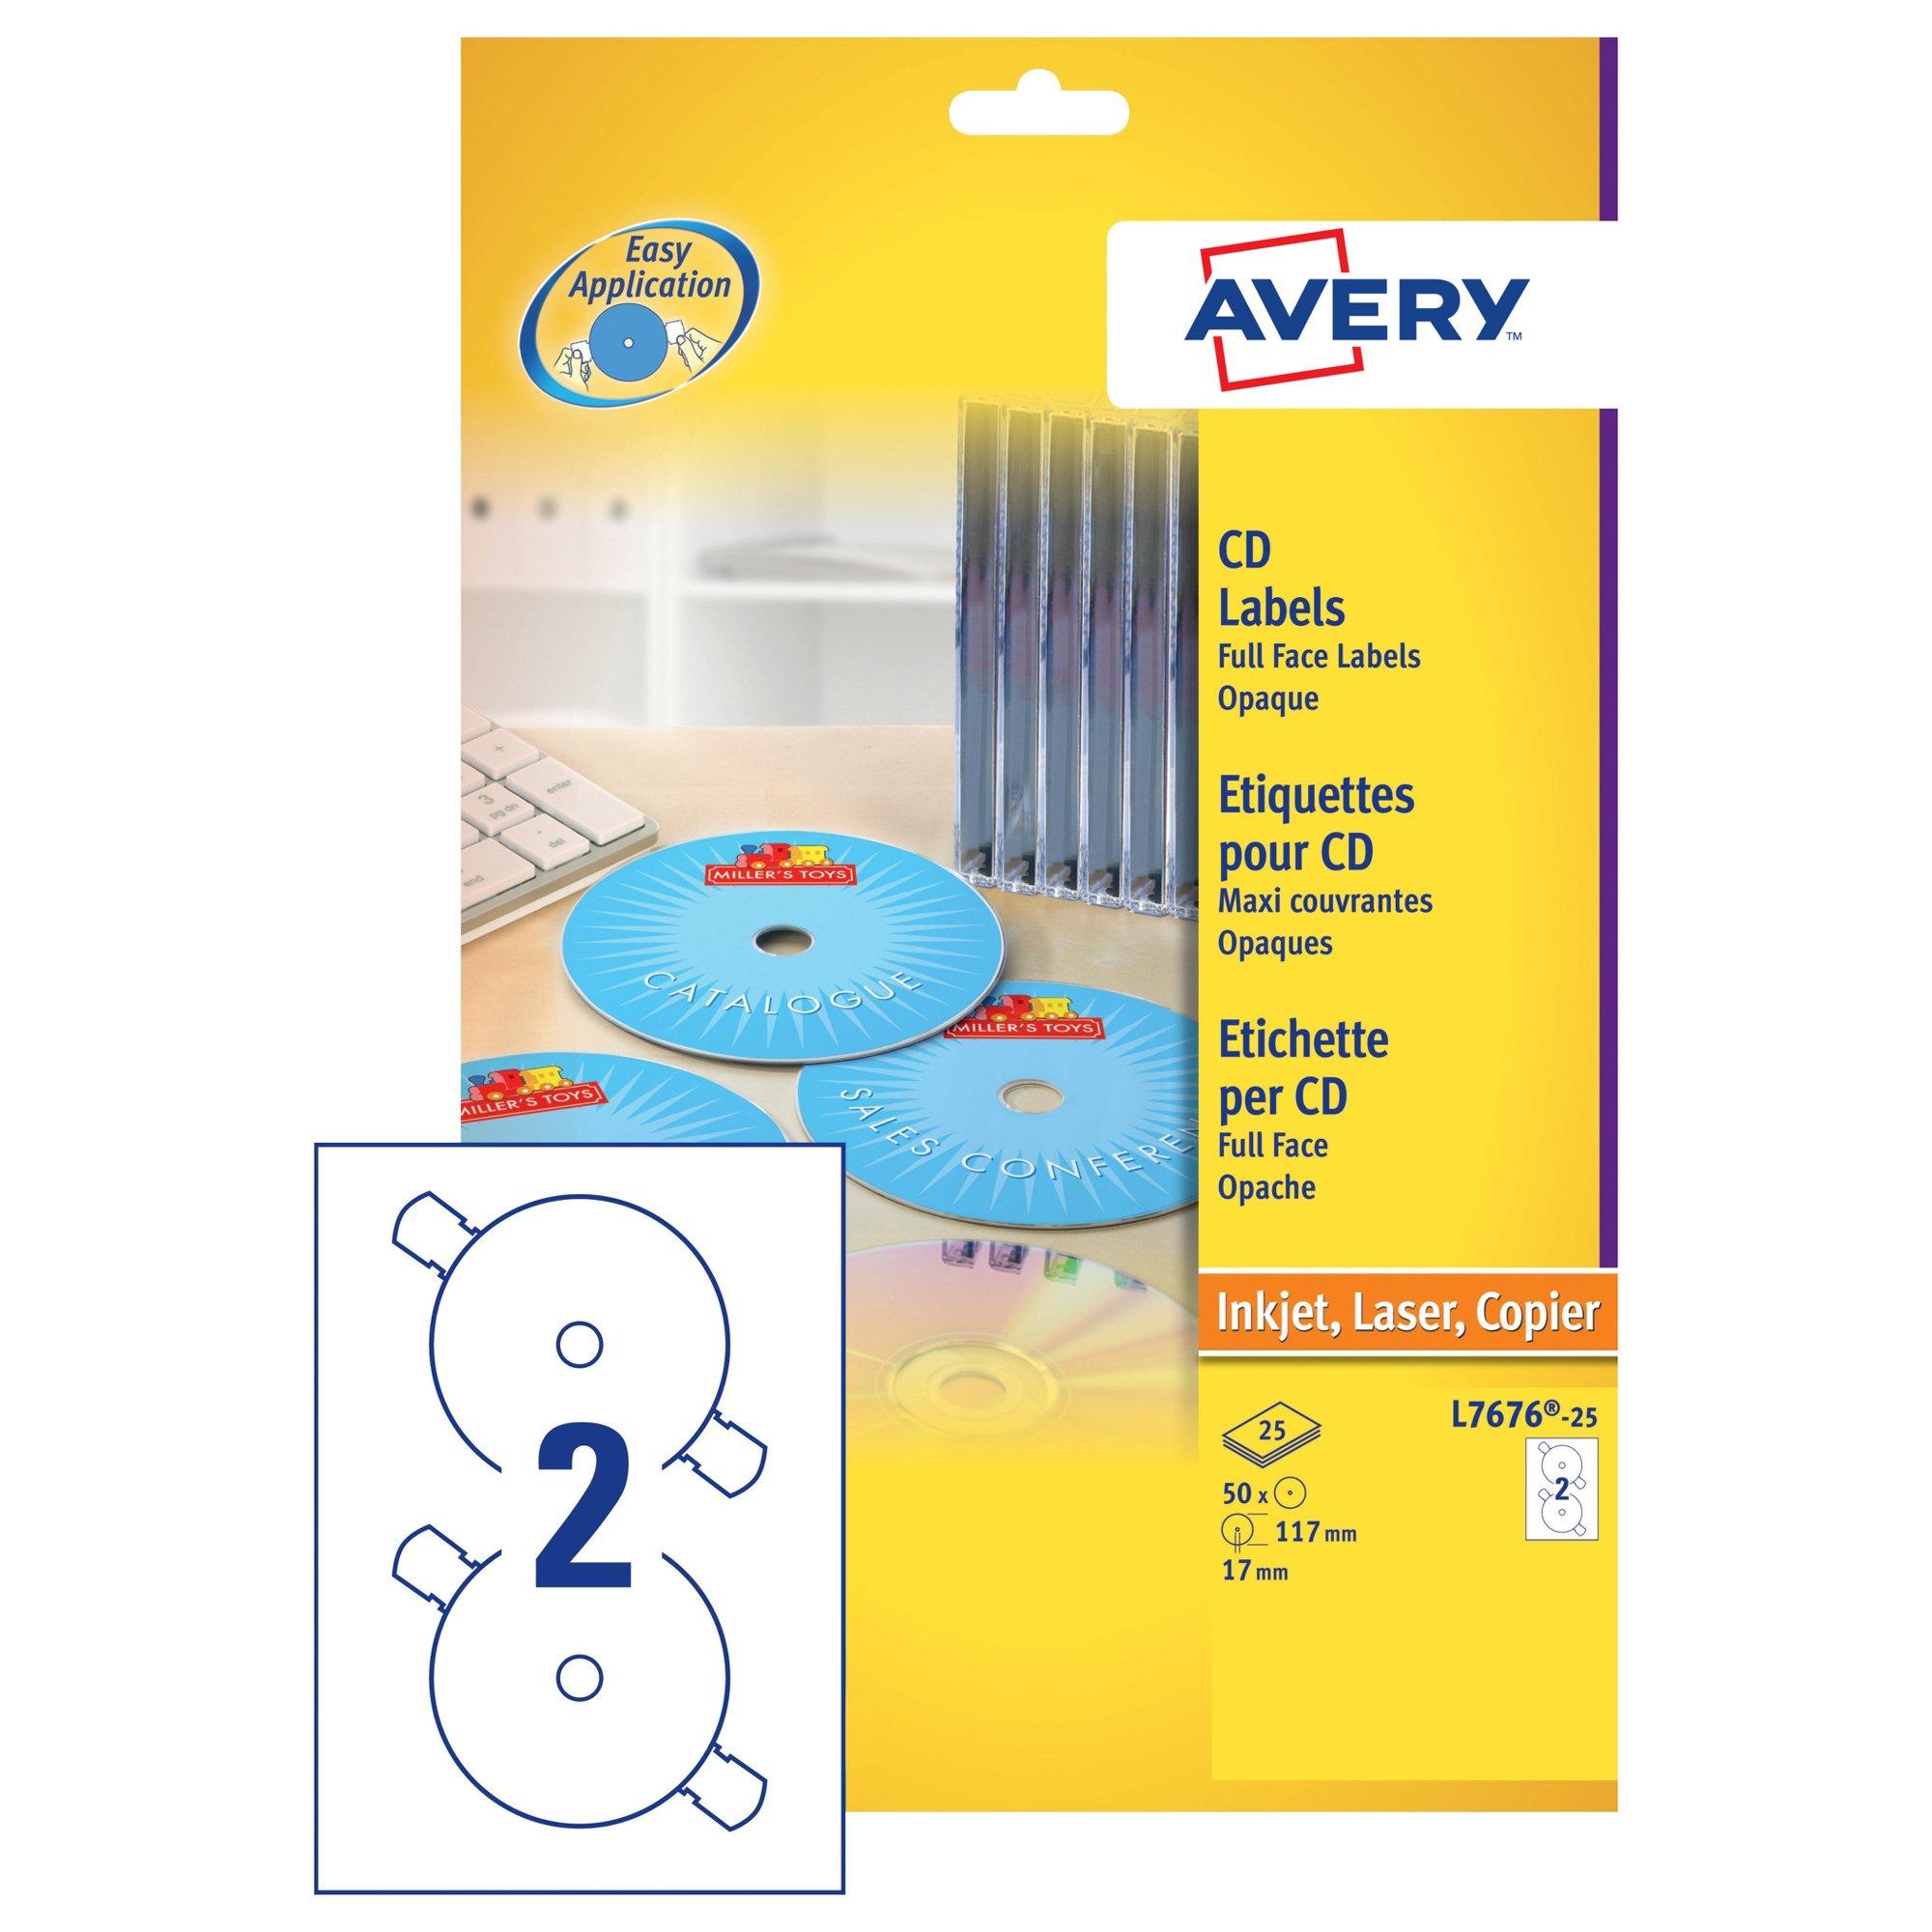 Avery Full Face CD/DVD Laser Labels (25) L7676-25